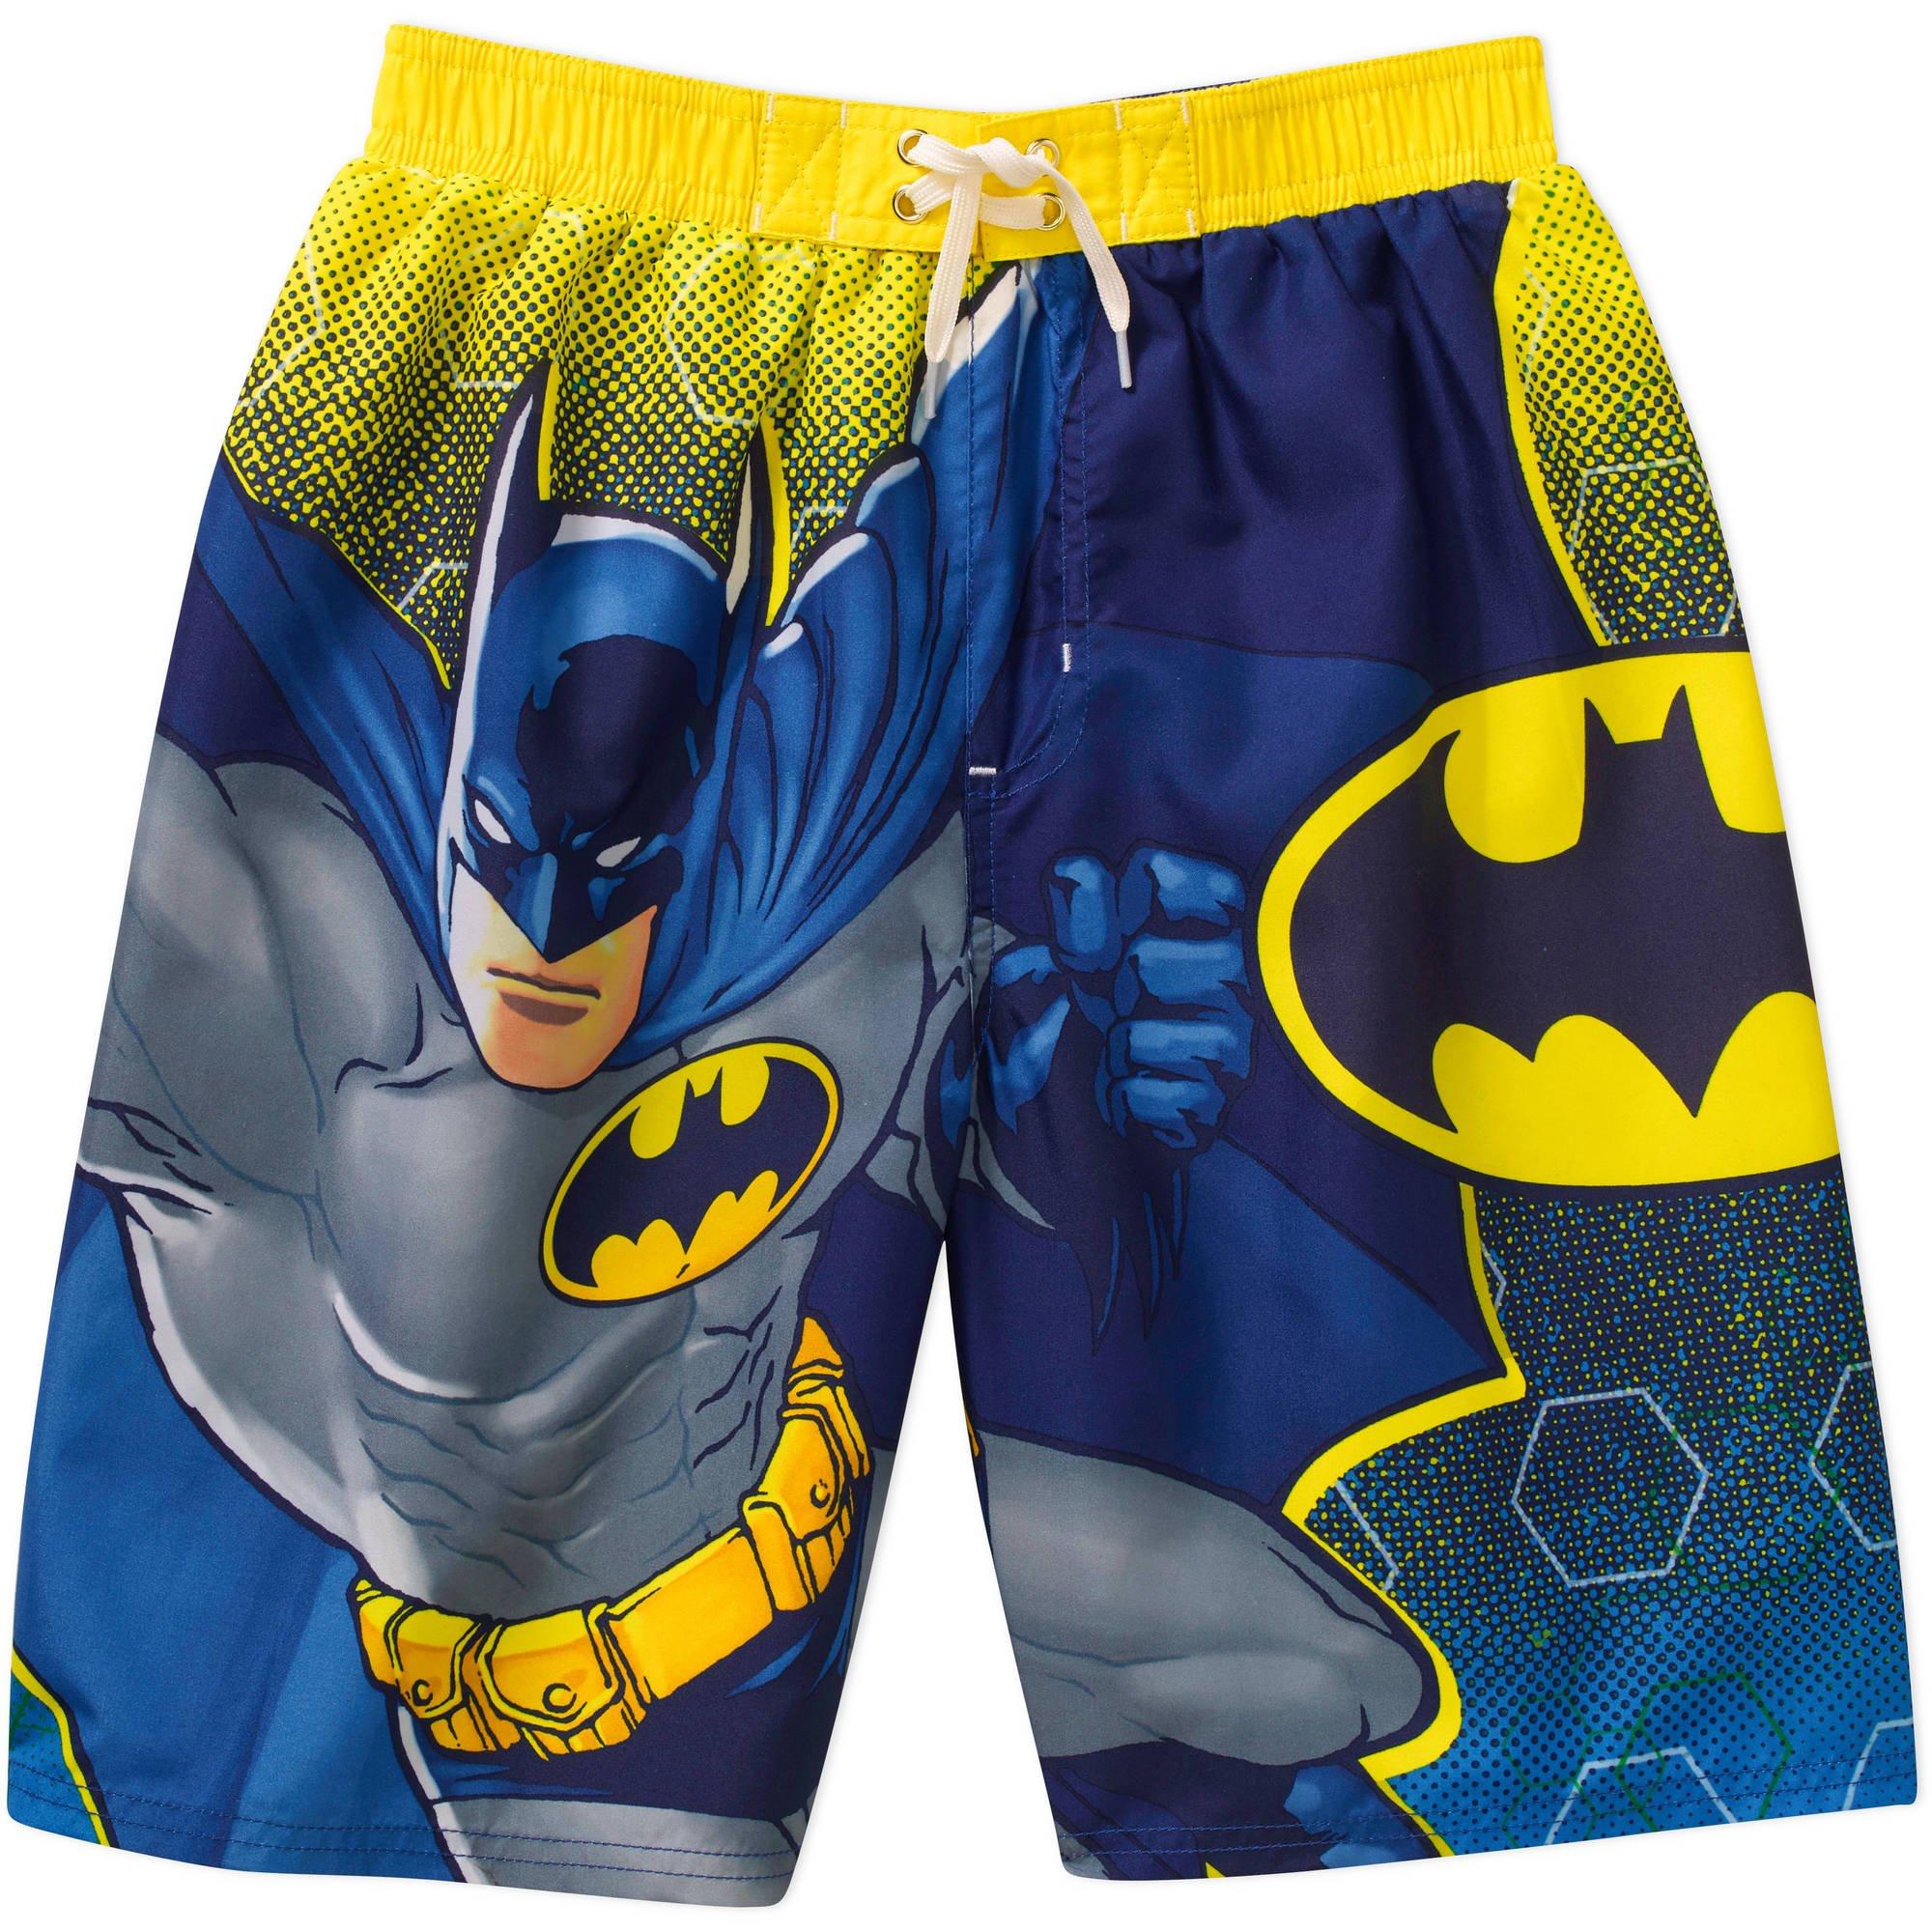 c6a27d2393 Get Quotations · DC Comics Batman Little Boy Swim Shorts Trunks Size 4/5